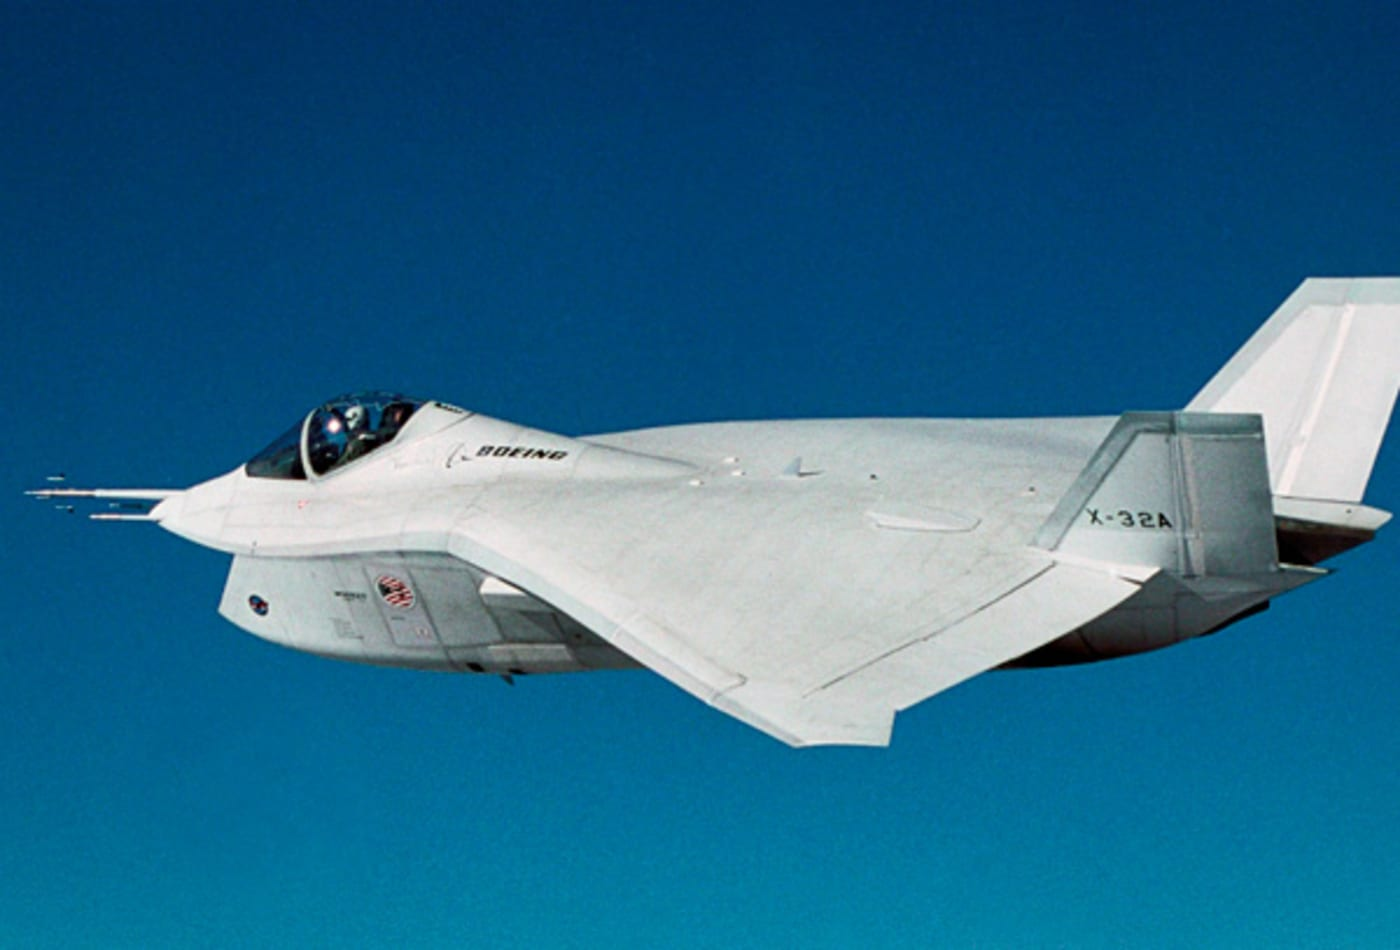 Boeing_Warplanes_X-32.jpg